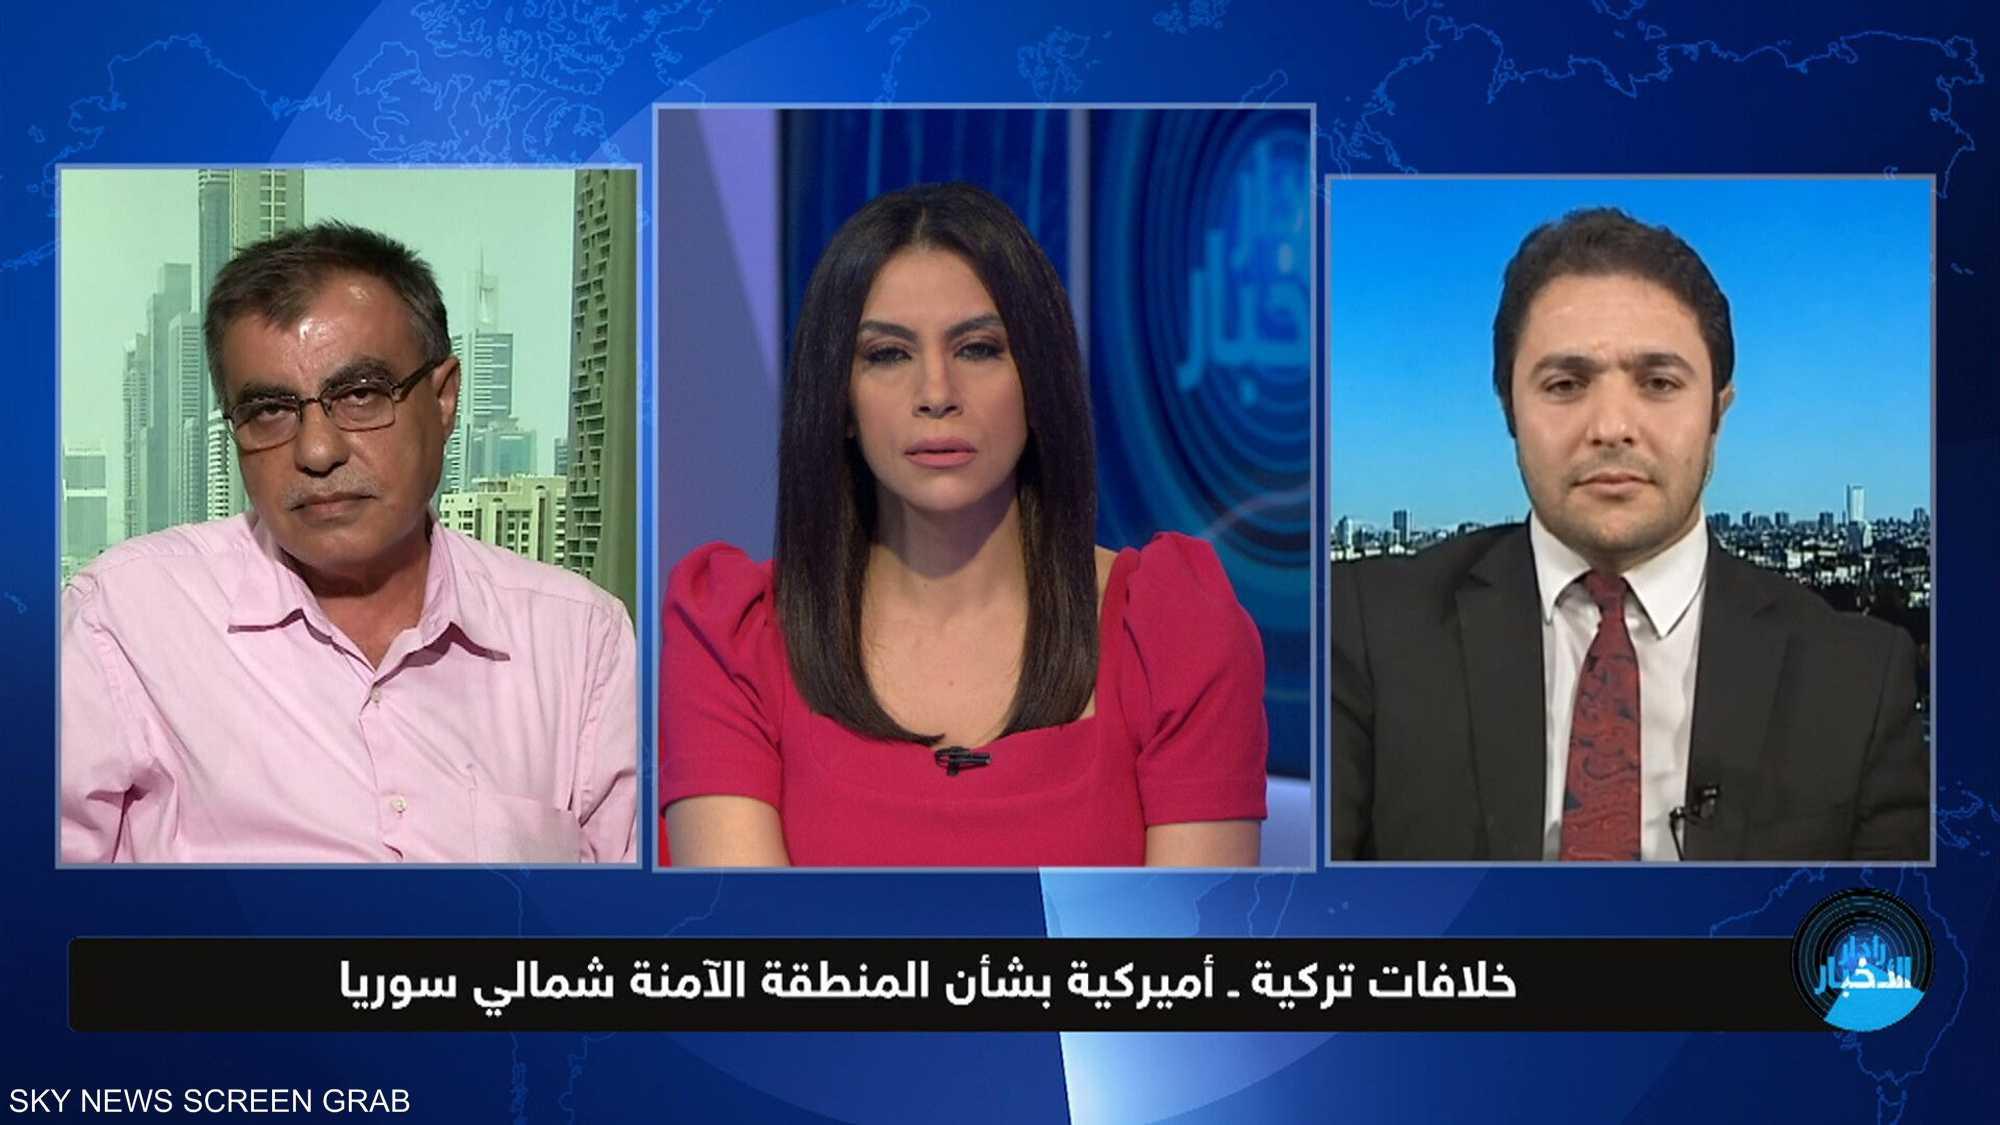 دمشق تدين تسيير أنقرة وواشنطن دوريات مشتركة شمالي سوريا